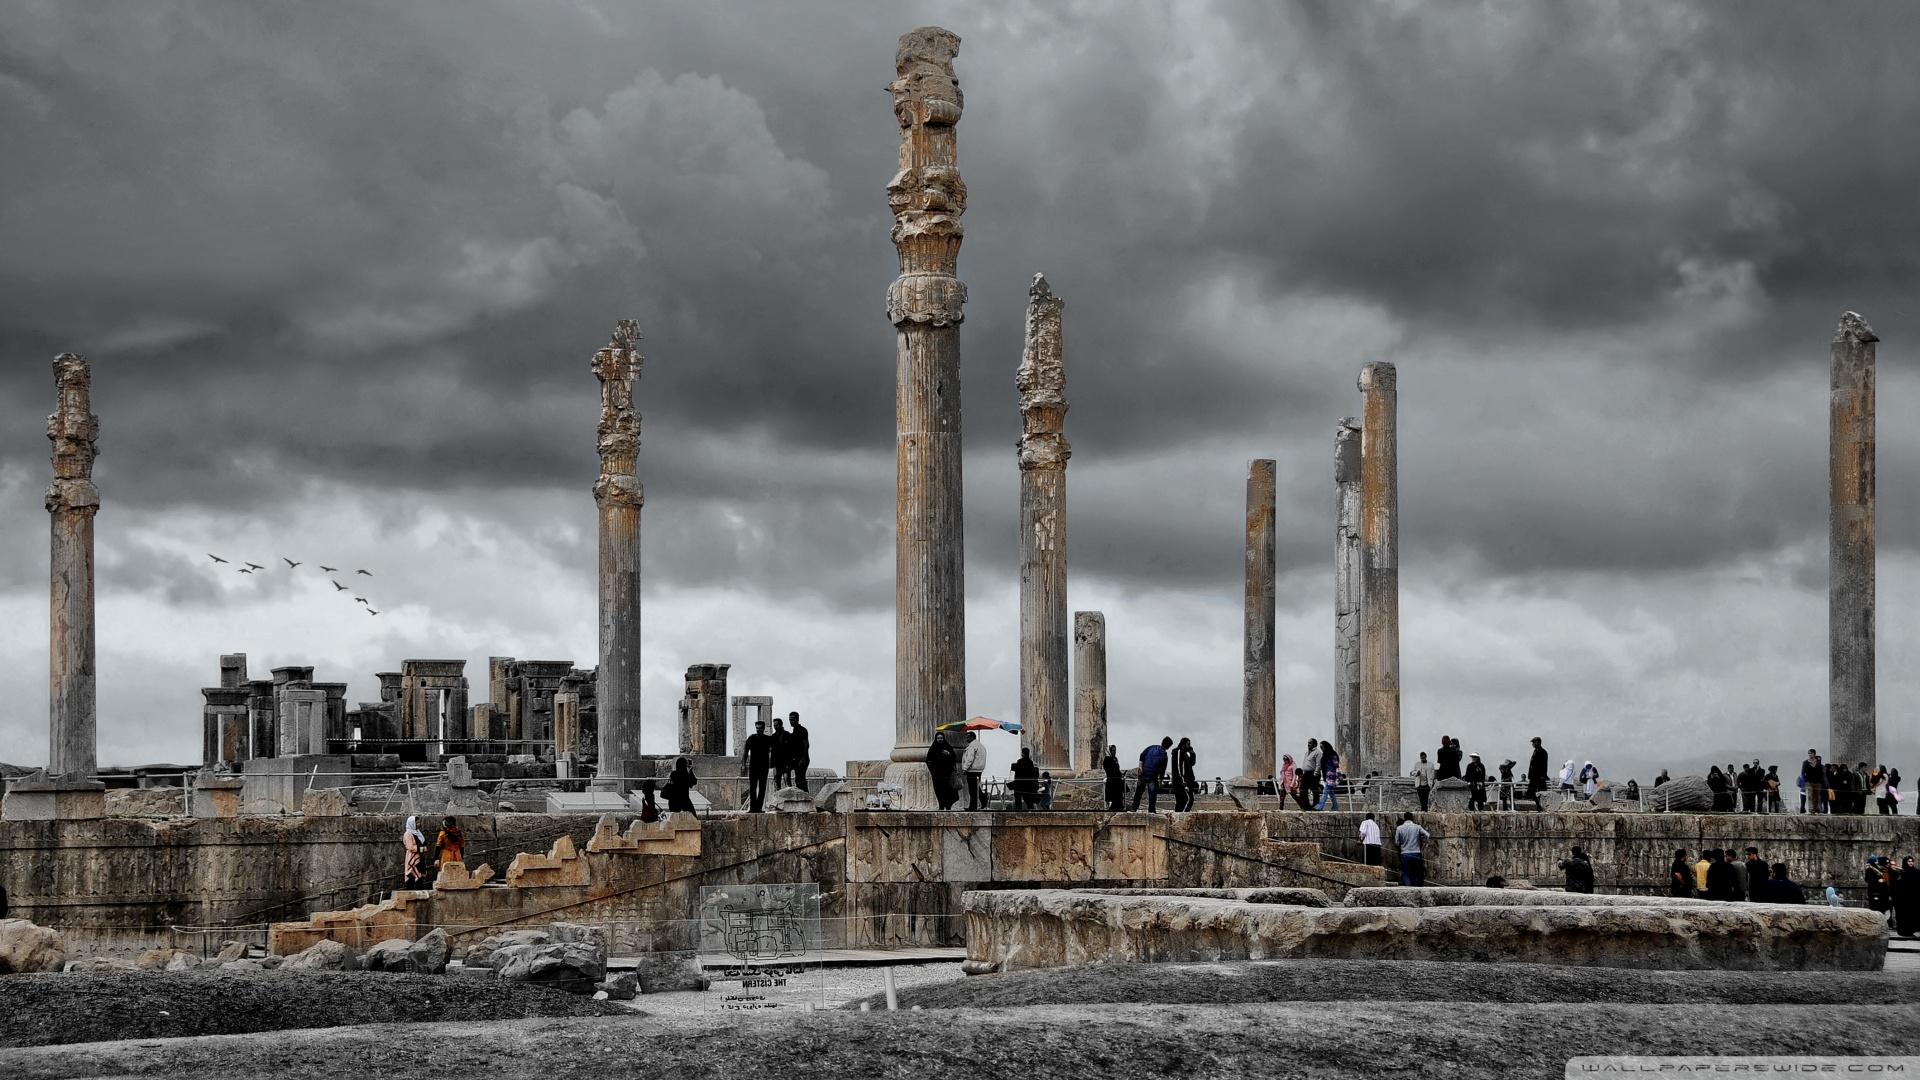 18] Persepolis City Wallpapers on WallpaperSafari 1920x1080